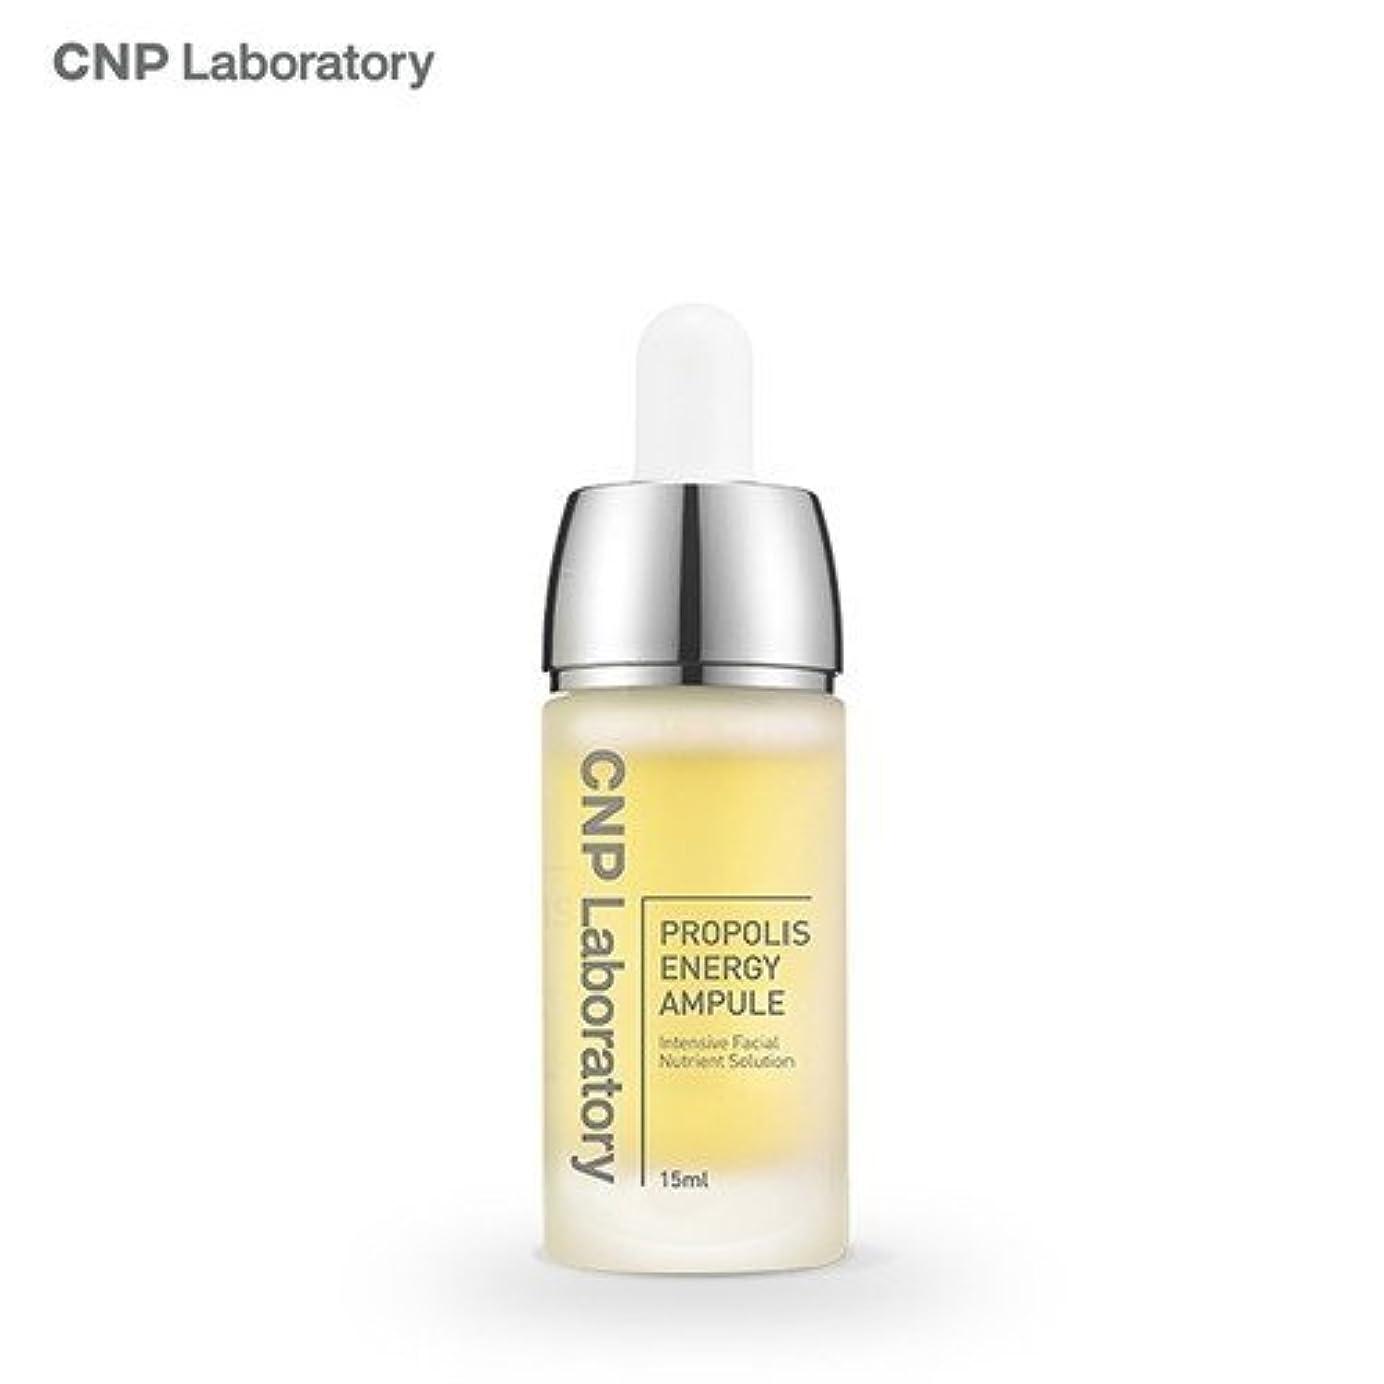 キッチン第二に報告書チャエンパク プロポリスエネルギーアンプル 15ml / CNP Propolis Energy Ampule, Intensive Facial Nutrient Solution 15ml